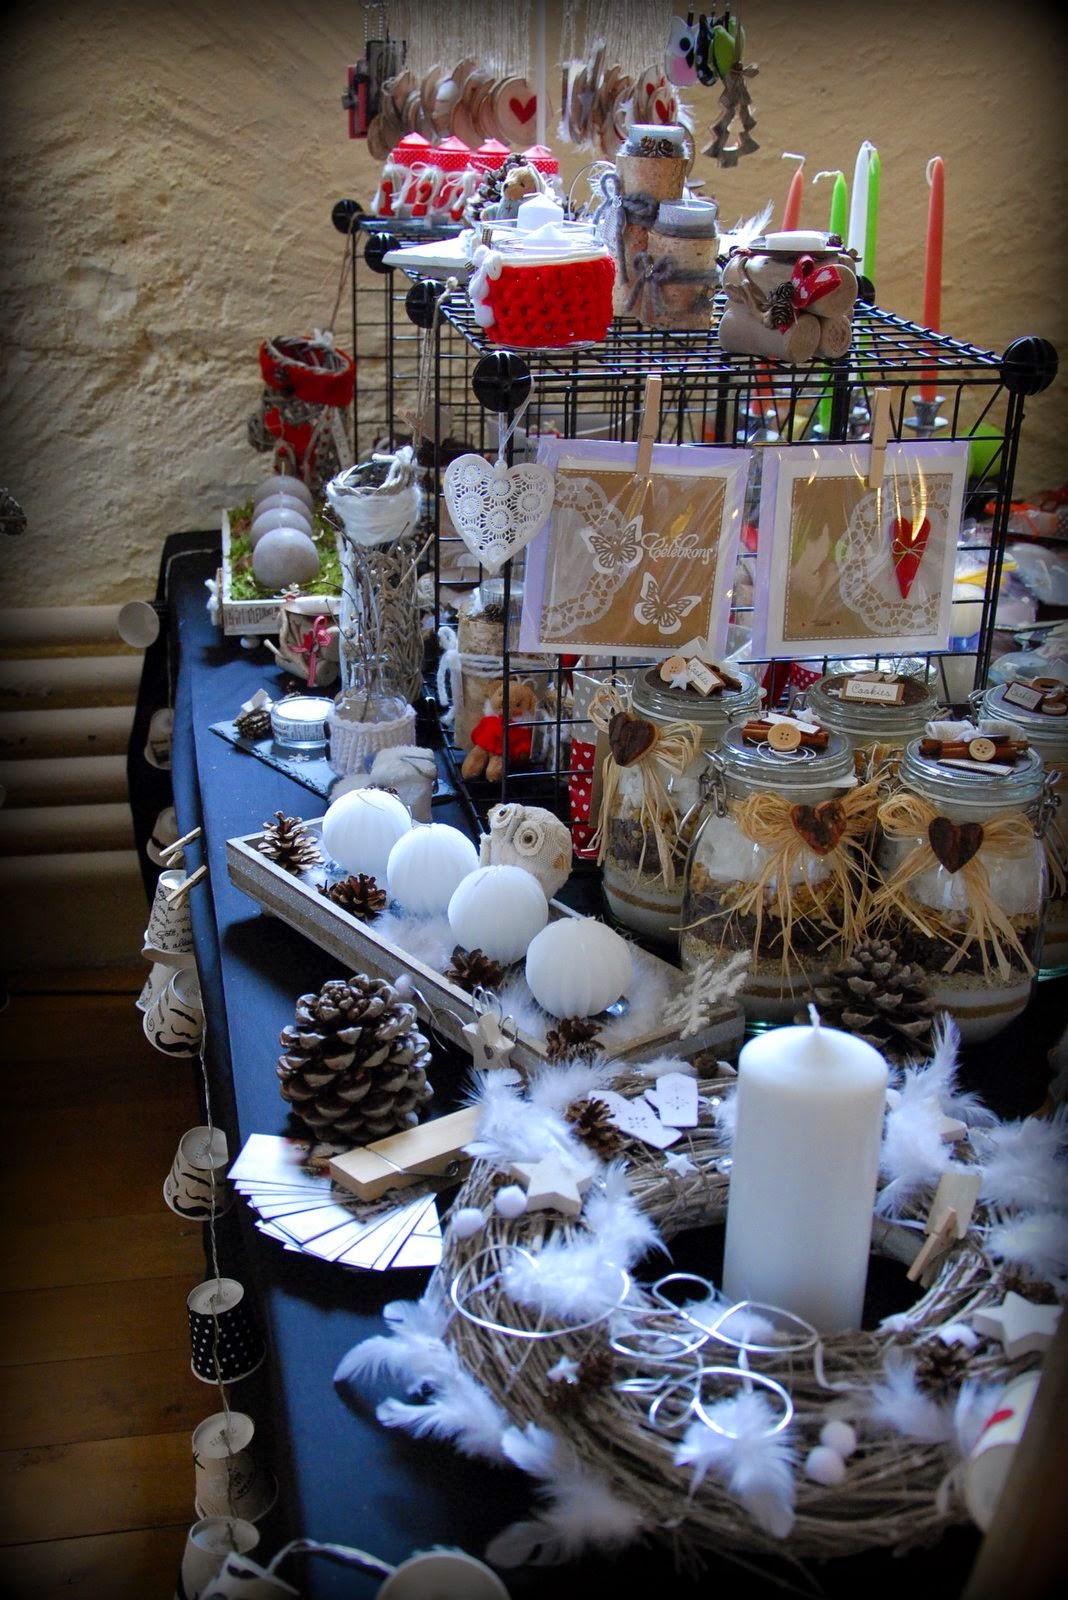 #325C99 Groseilles & CO: Retour Du Marché De Noël Avec Une Belle  5435 decorations de noel geneve 1068x1600 px @ aertt.com